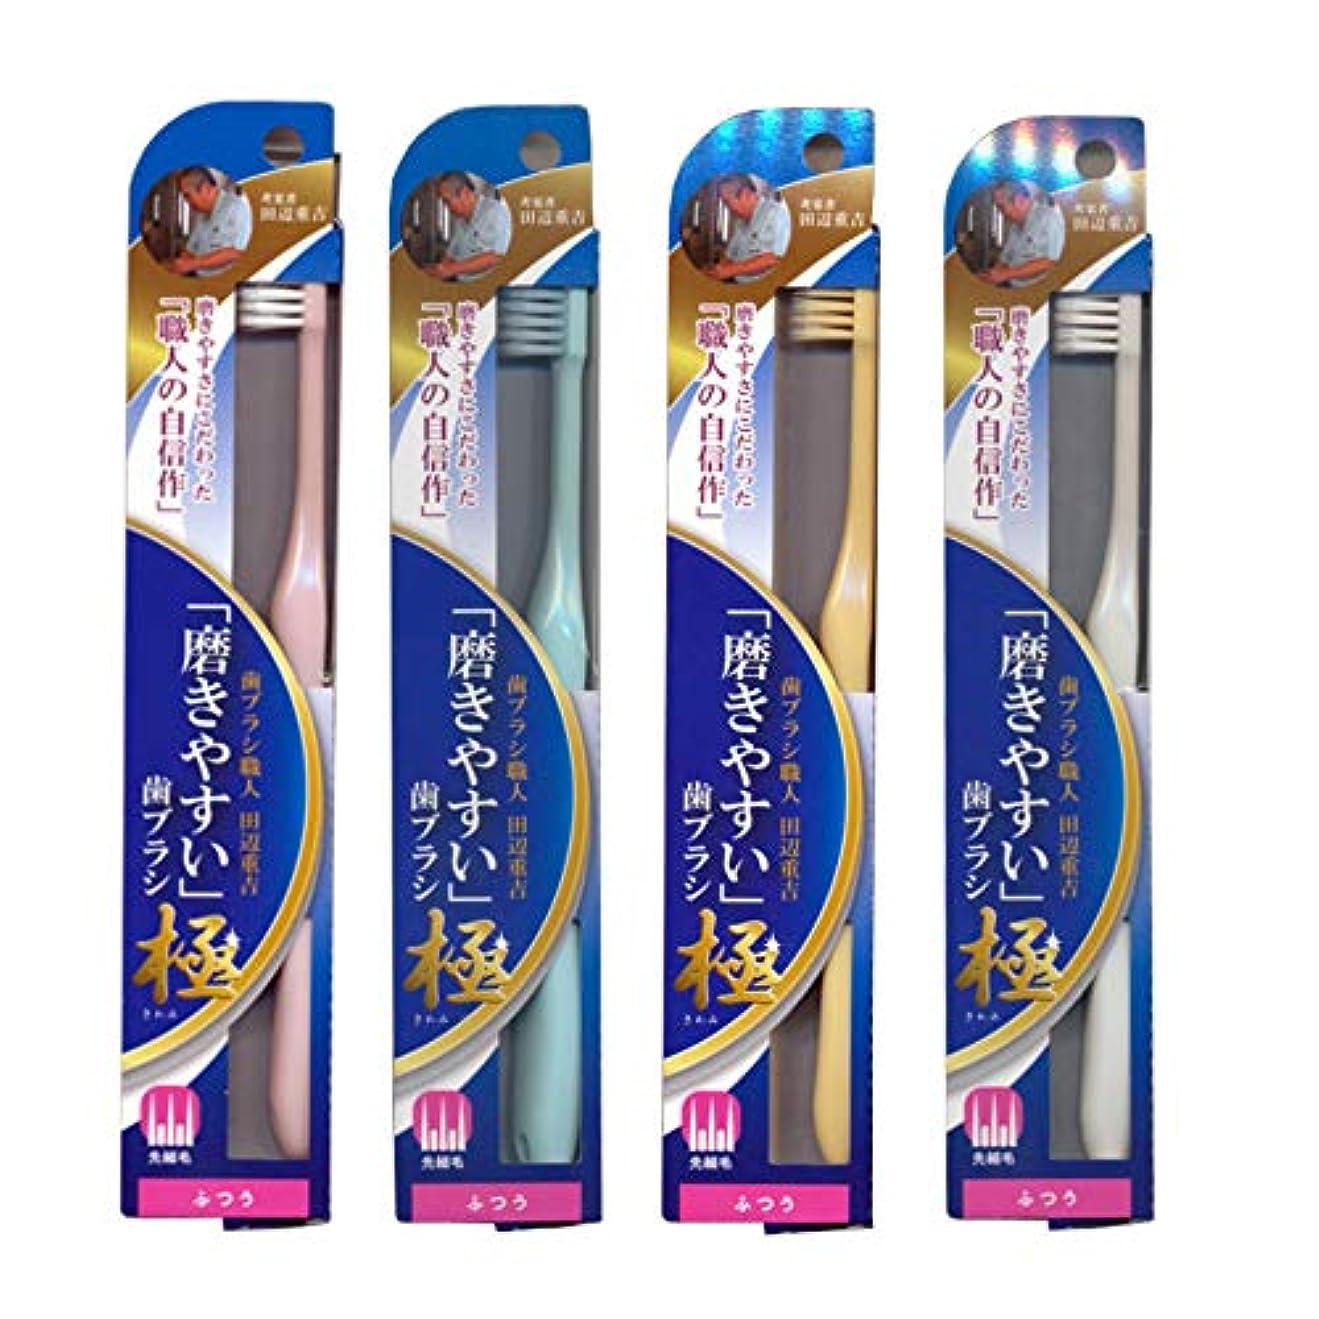 ほめる古いほこり磨きやすい歯ブラシ極 (ふつう) LT-44×4本セット(ピンク×1、ブルー×1、ホワイト×1、イエロー×1)先細毛